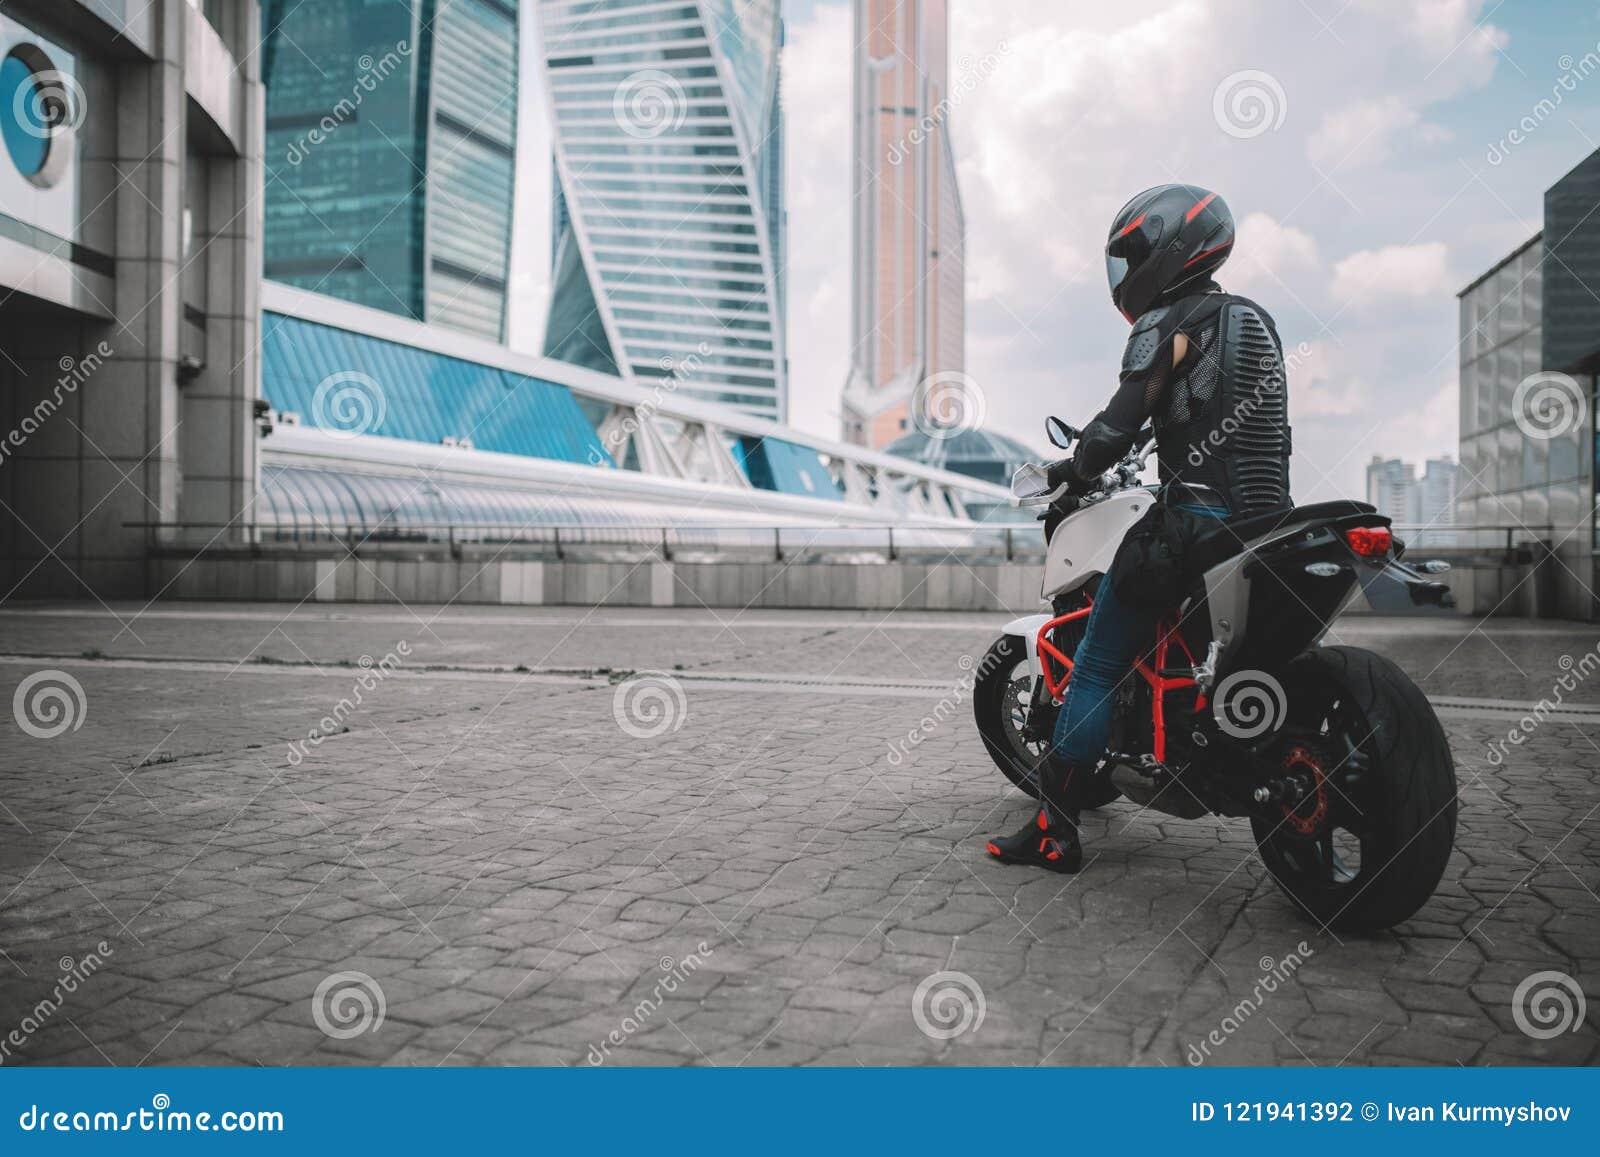 Ποδηλάτης και μοτοσικλέτα κοντά στη στο κέντρο της πόλης πόλη αστική